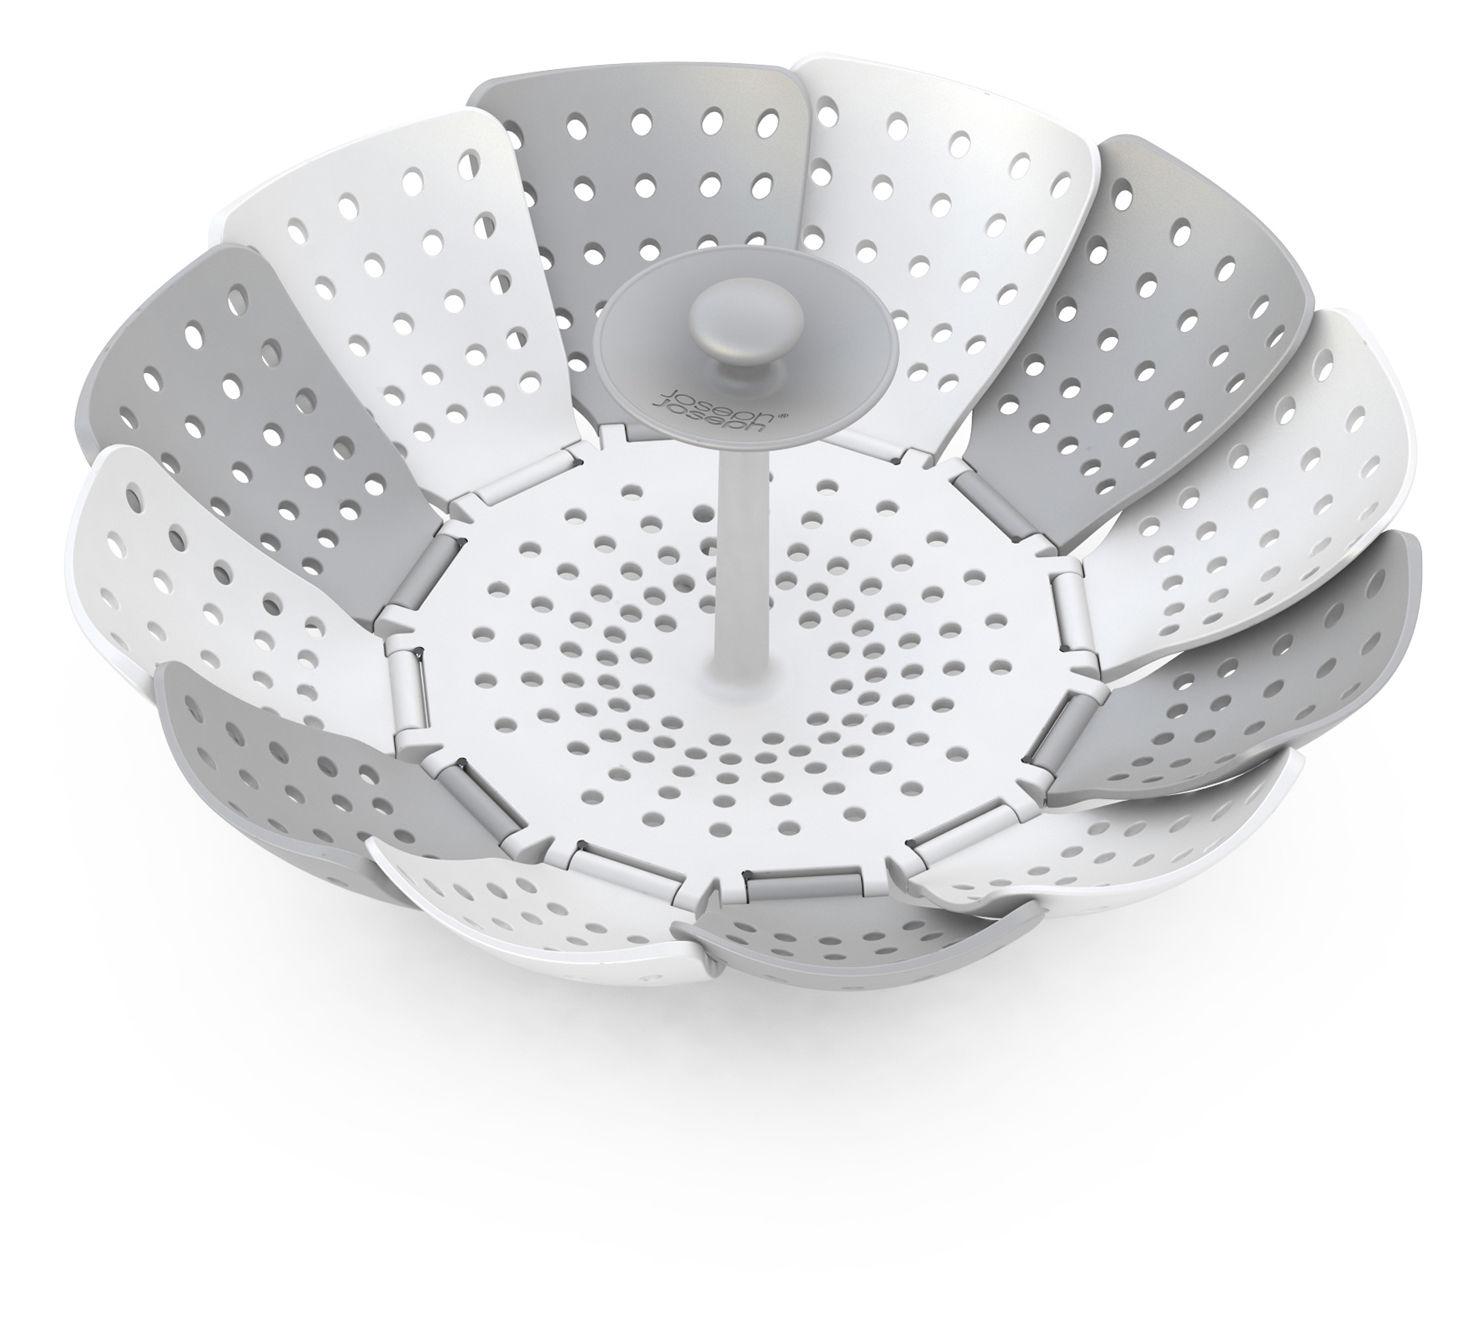 Cucina - Utensili da cucina - Cesto per cottura a vapore Lotus di Joseph Joseph - Bianco e grigio - Polipropilene, Silicone